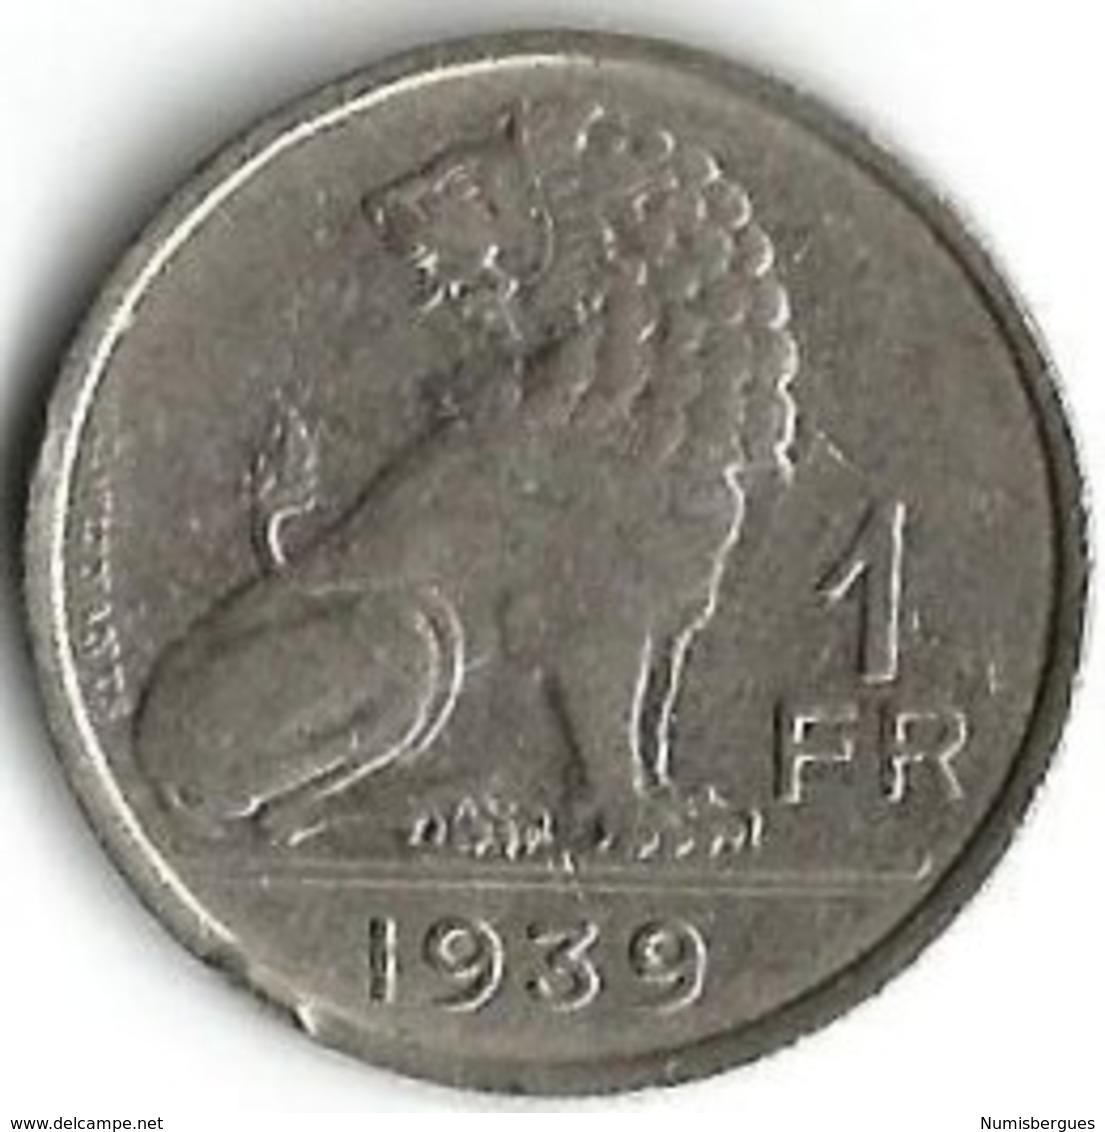 1 Pièce De Monnaie 1 Franc 1939  Belgique  NDL / Fr - 1934-1945: Leopold III